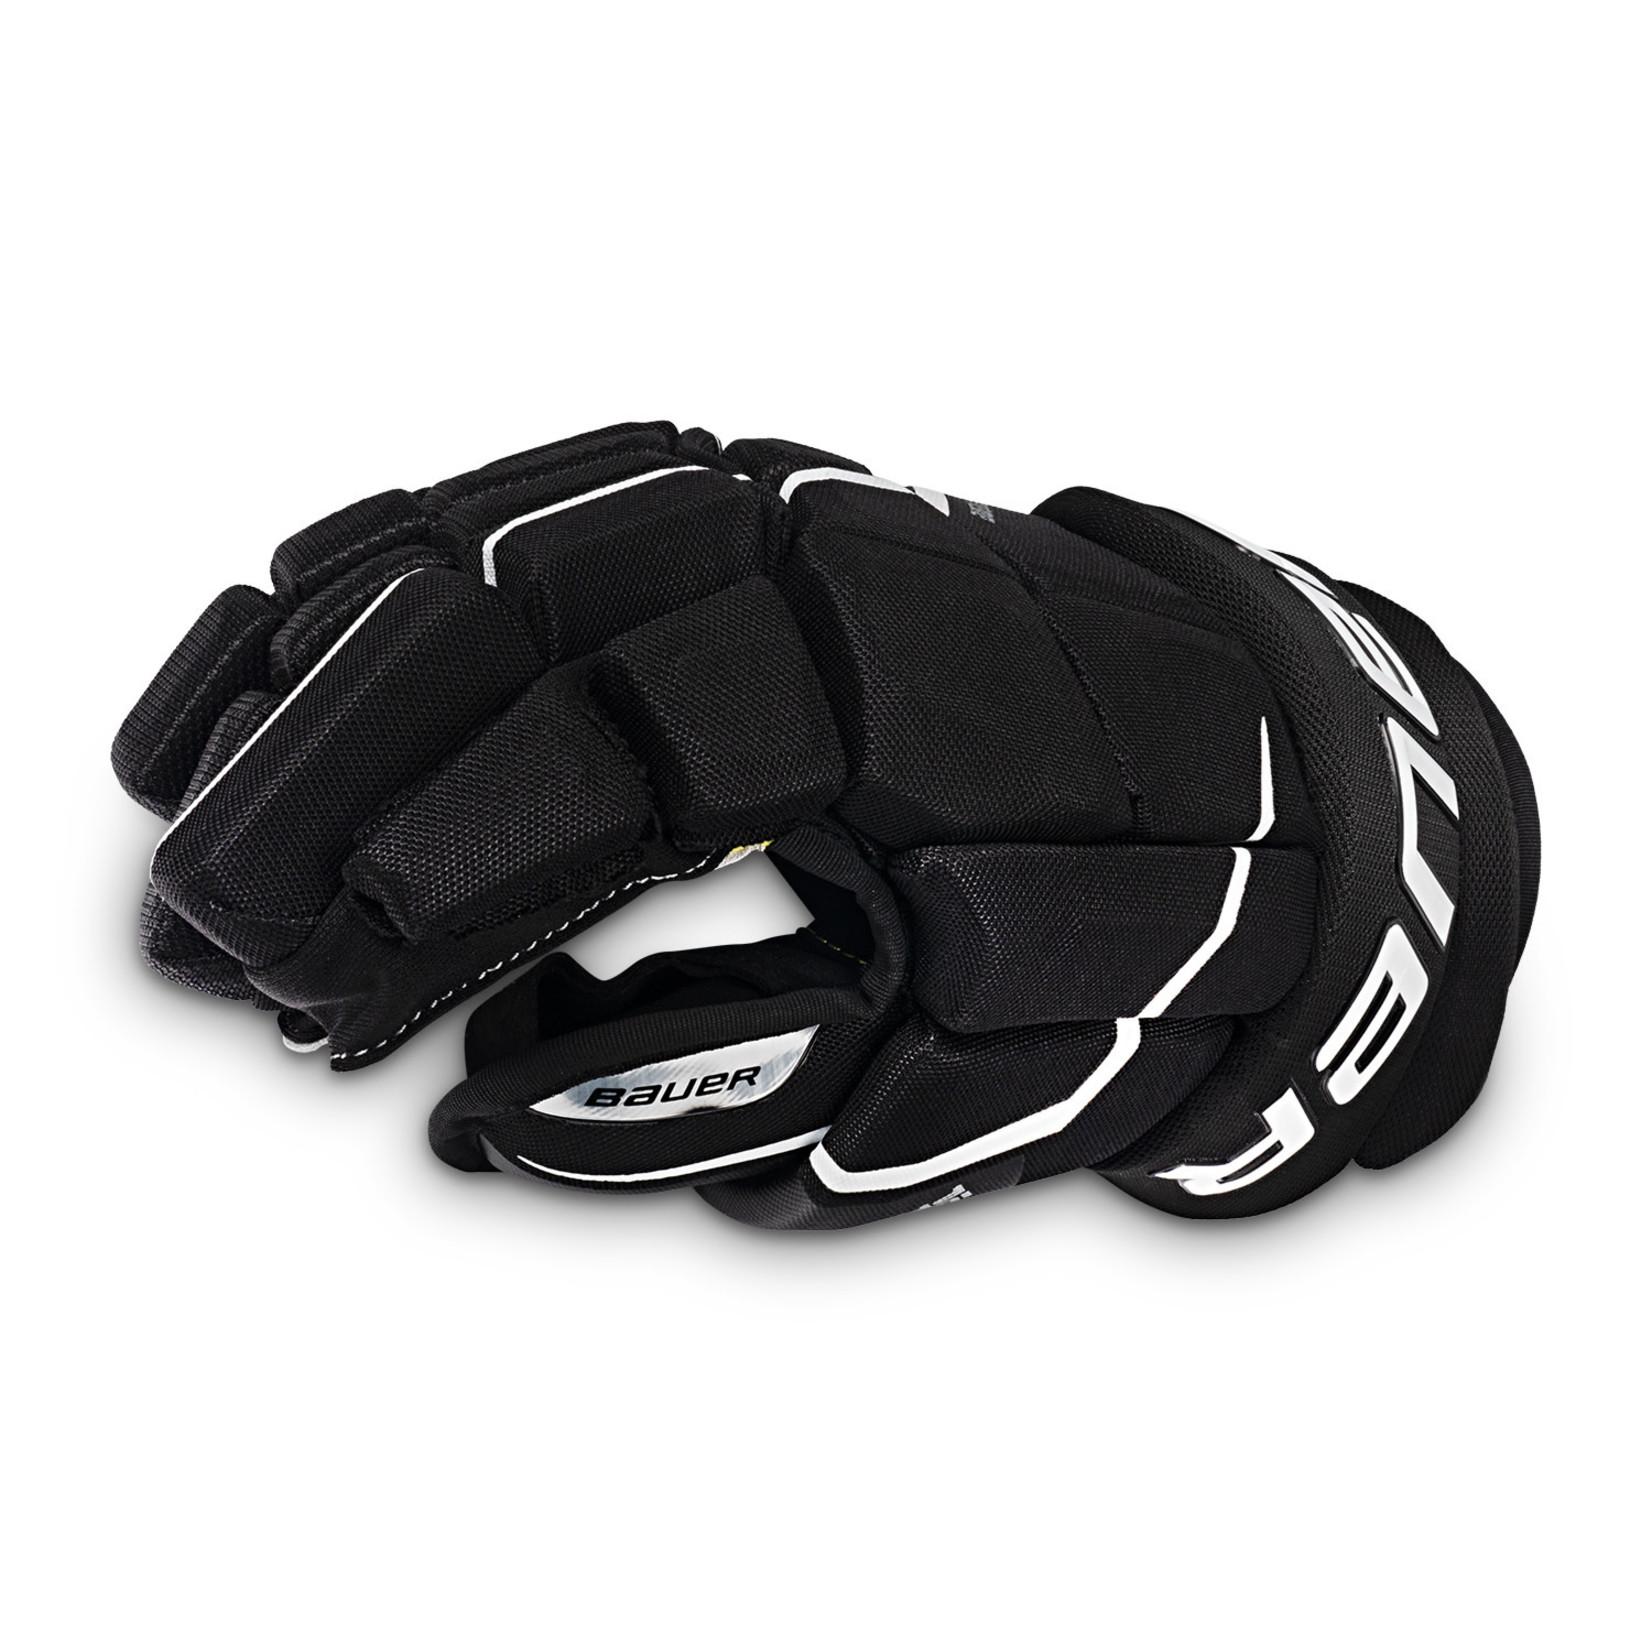 Bauer Bauer Hockey Gloves, Supreme Ignite Pro, Intermediate